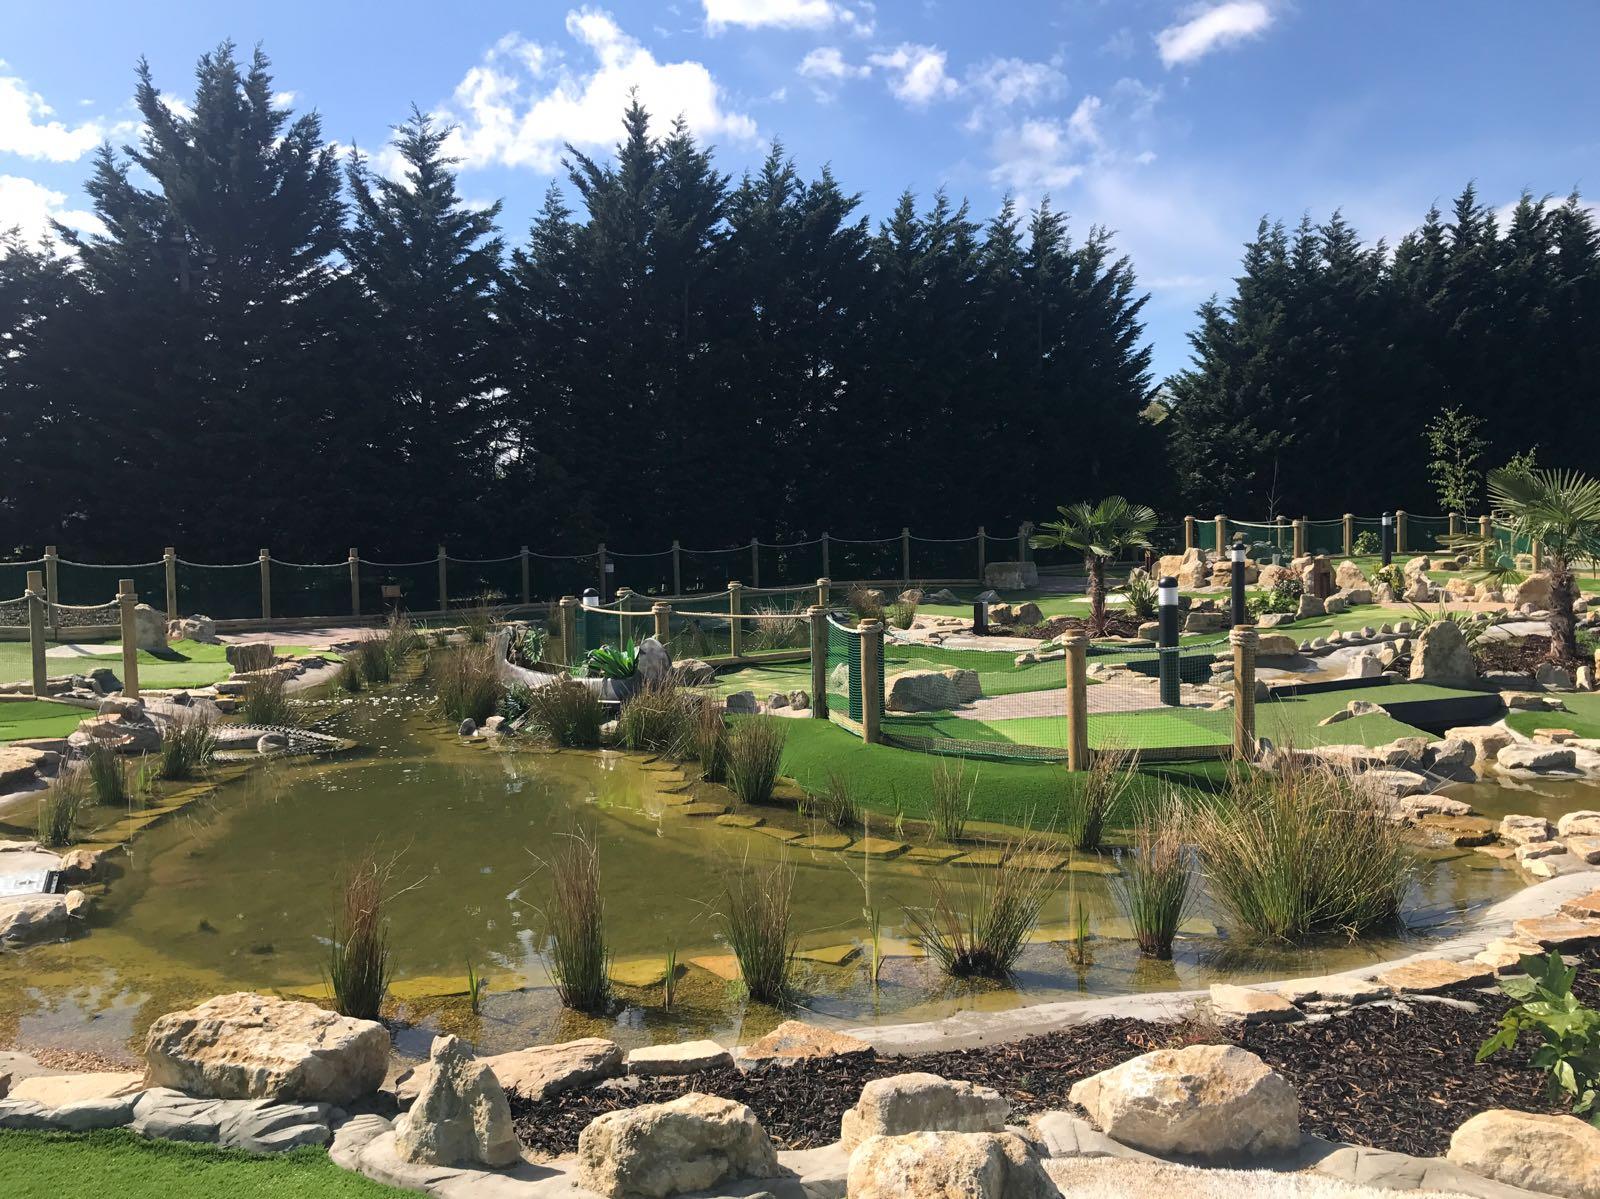 Adventure Golf Surrey Crazy Golf Course At Topgolf Surrey